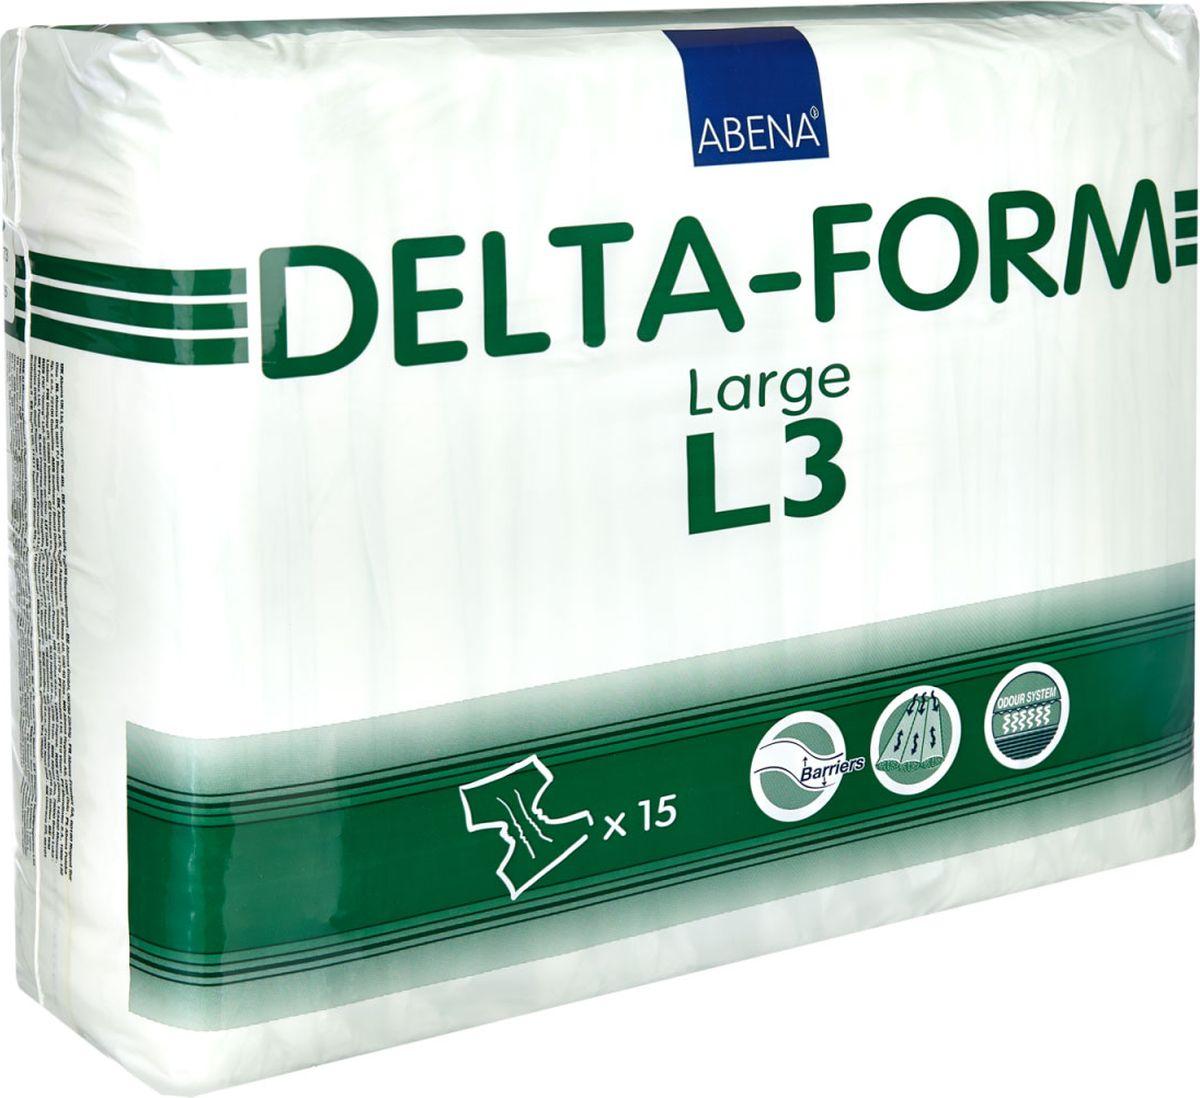 Abena Подгузники для взрослых Delta-Form L3 15 шт308873Подгузники для взрослых Abena Delta-Form созданы для ухода за пациентами, имеющими недержание мочи. Они имеют анатомическую форму, которая обеспечивает оптимальный комфорт и активность пациента. Внутренняя поверхность изготавливается из особого материала, который обеспечивает сухость, защиту кожи и проникновение влаги только в одну сторону.Благодаря наличию распределительного слоя TOP DRY влага впитывается очень быстро и минимально контактирует с кожей. Впитываемость 3200 г.Размер 100-150 см.